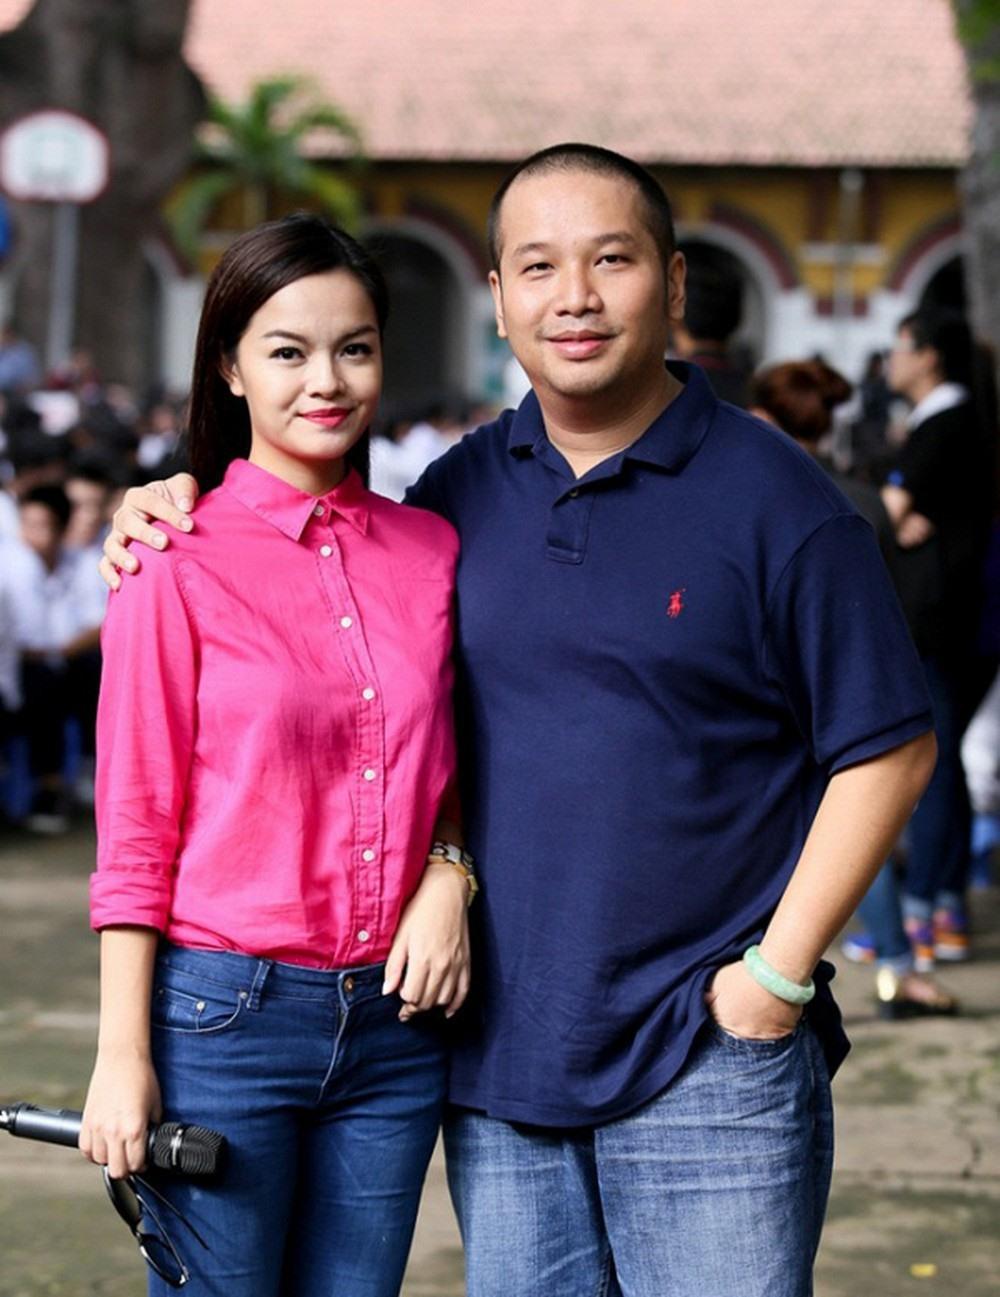 Cuộc sống hôn nhân của Phạm Quỳnh Anh và Quang Huy là chủ đề nhận được rất nhiều sự bàn tán của người hâm mộ.